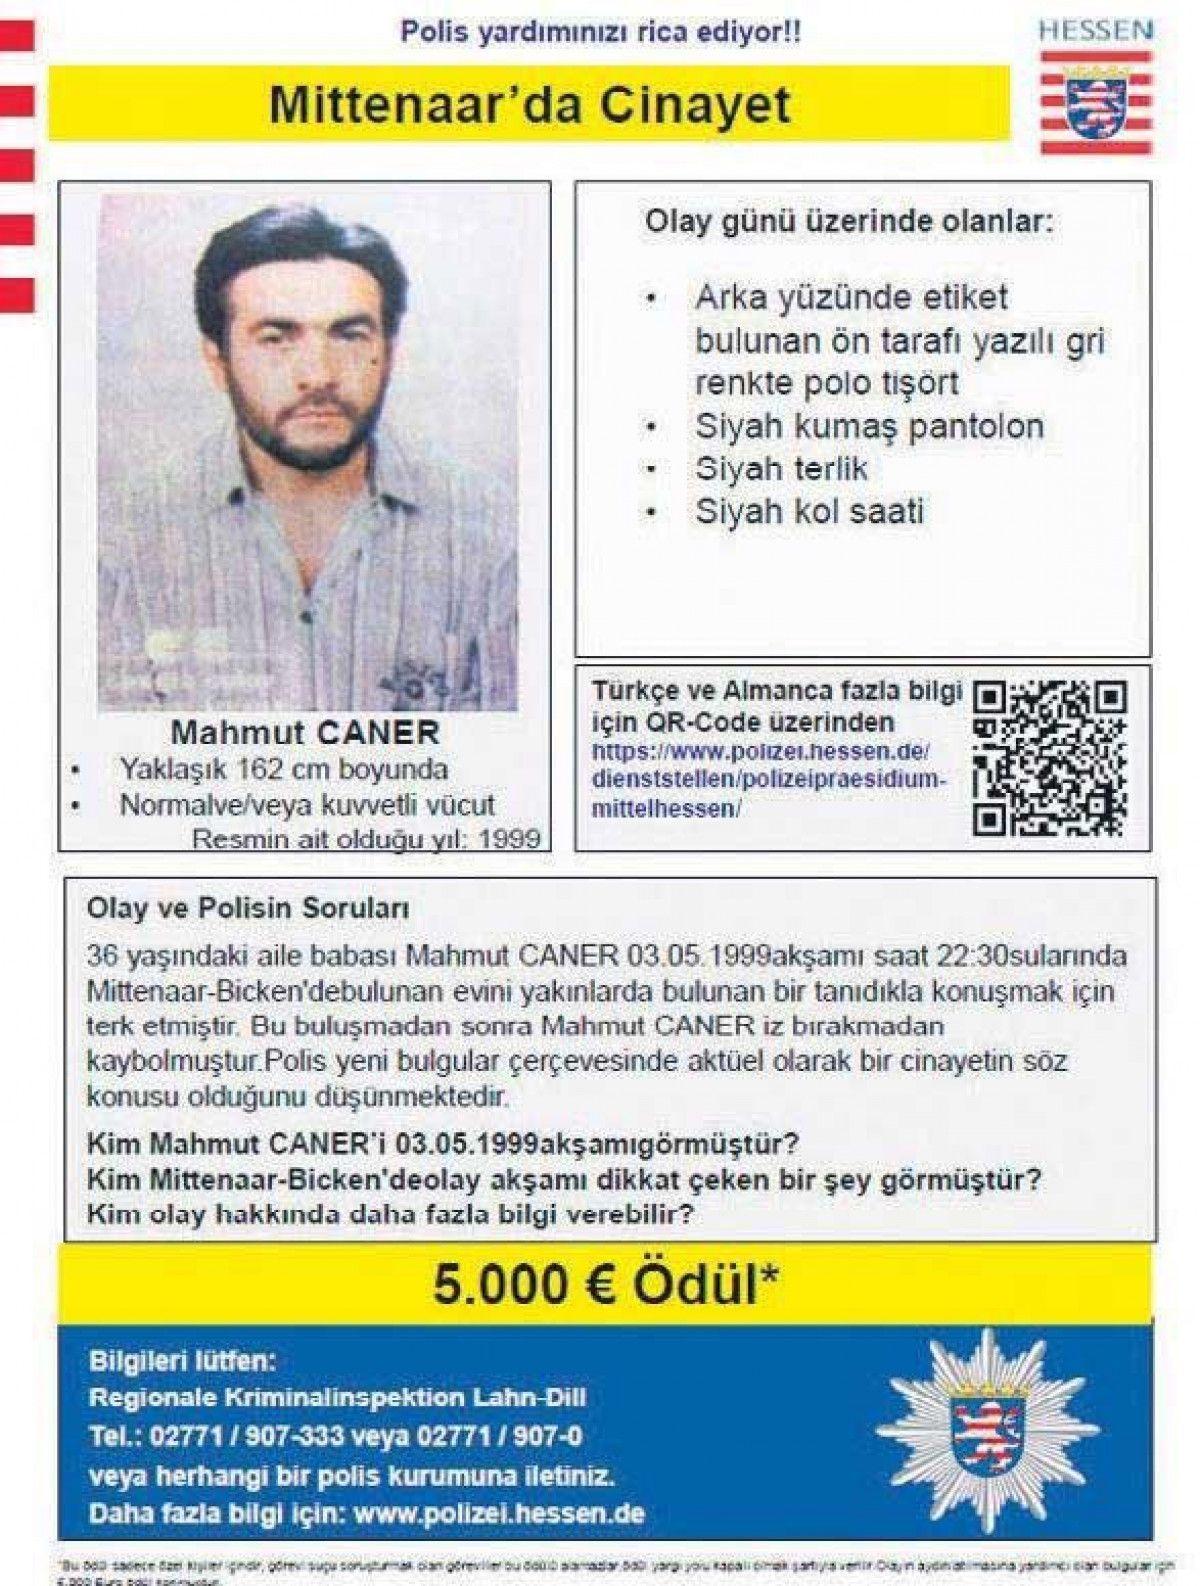 Almanya da öldürülen Mahmut, katilinin sesini kaydetti #5